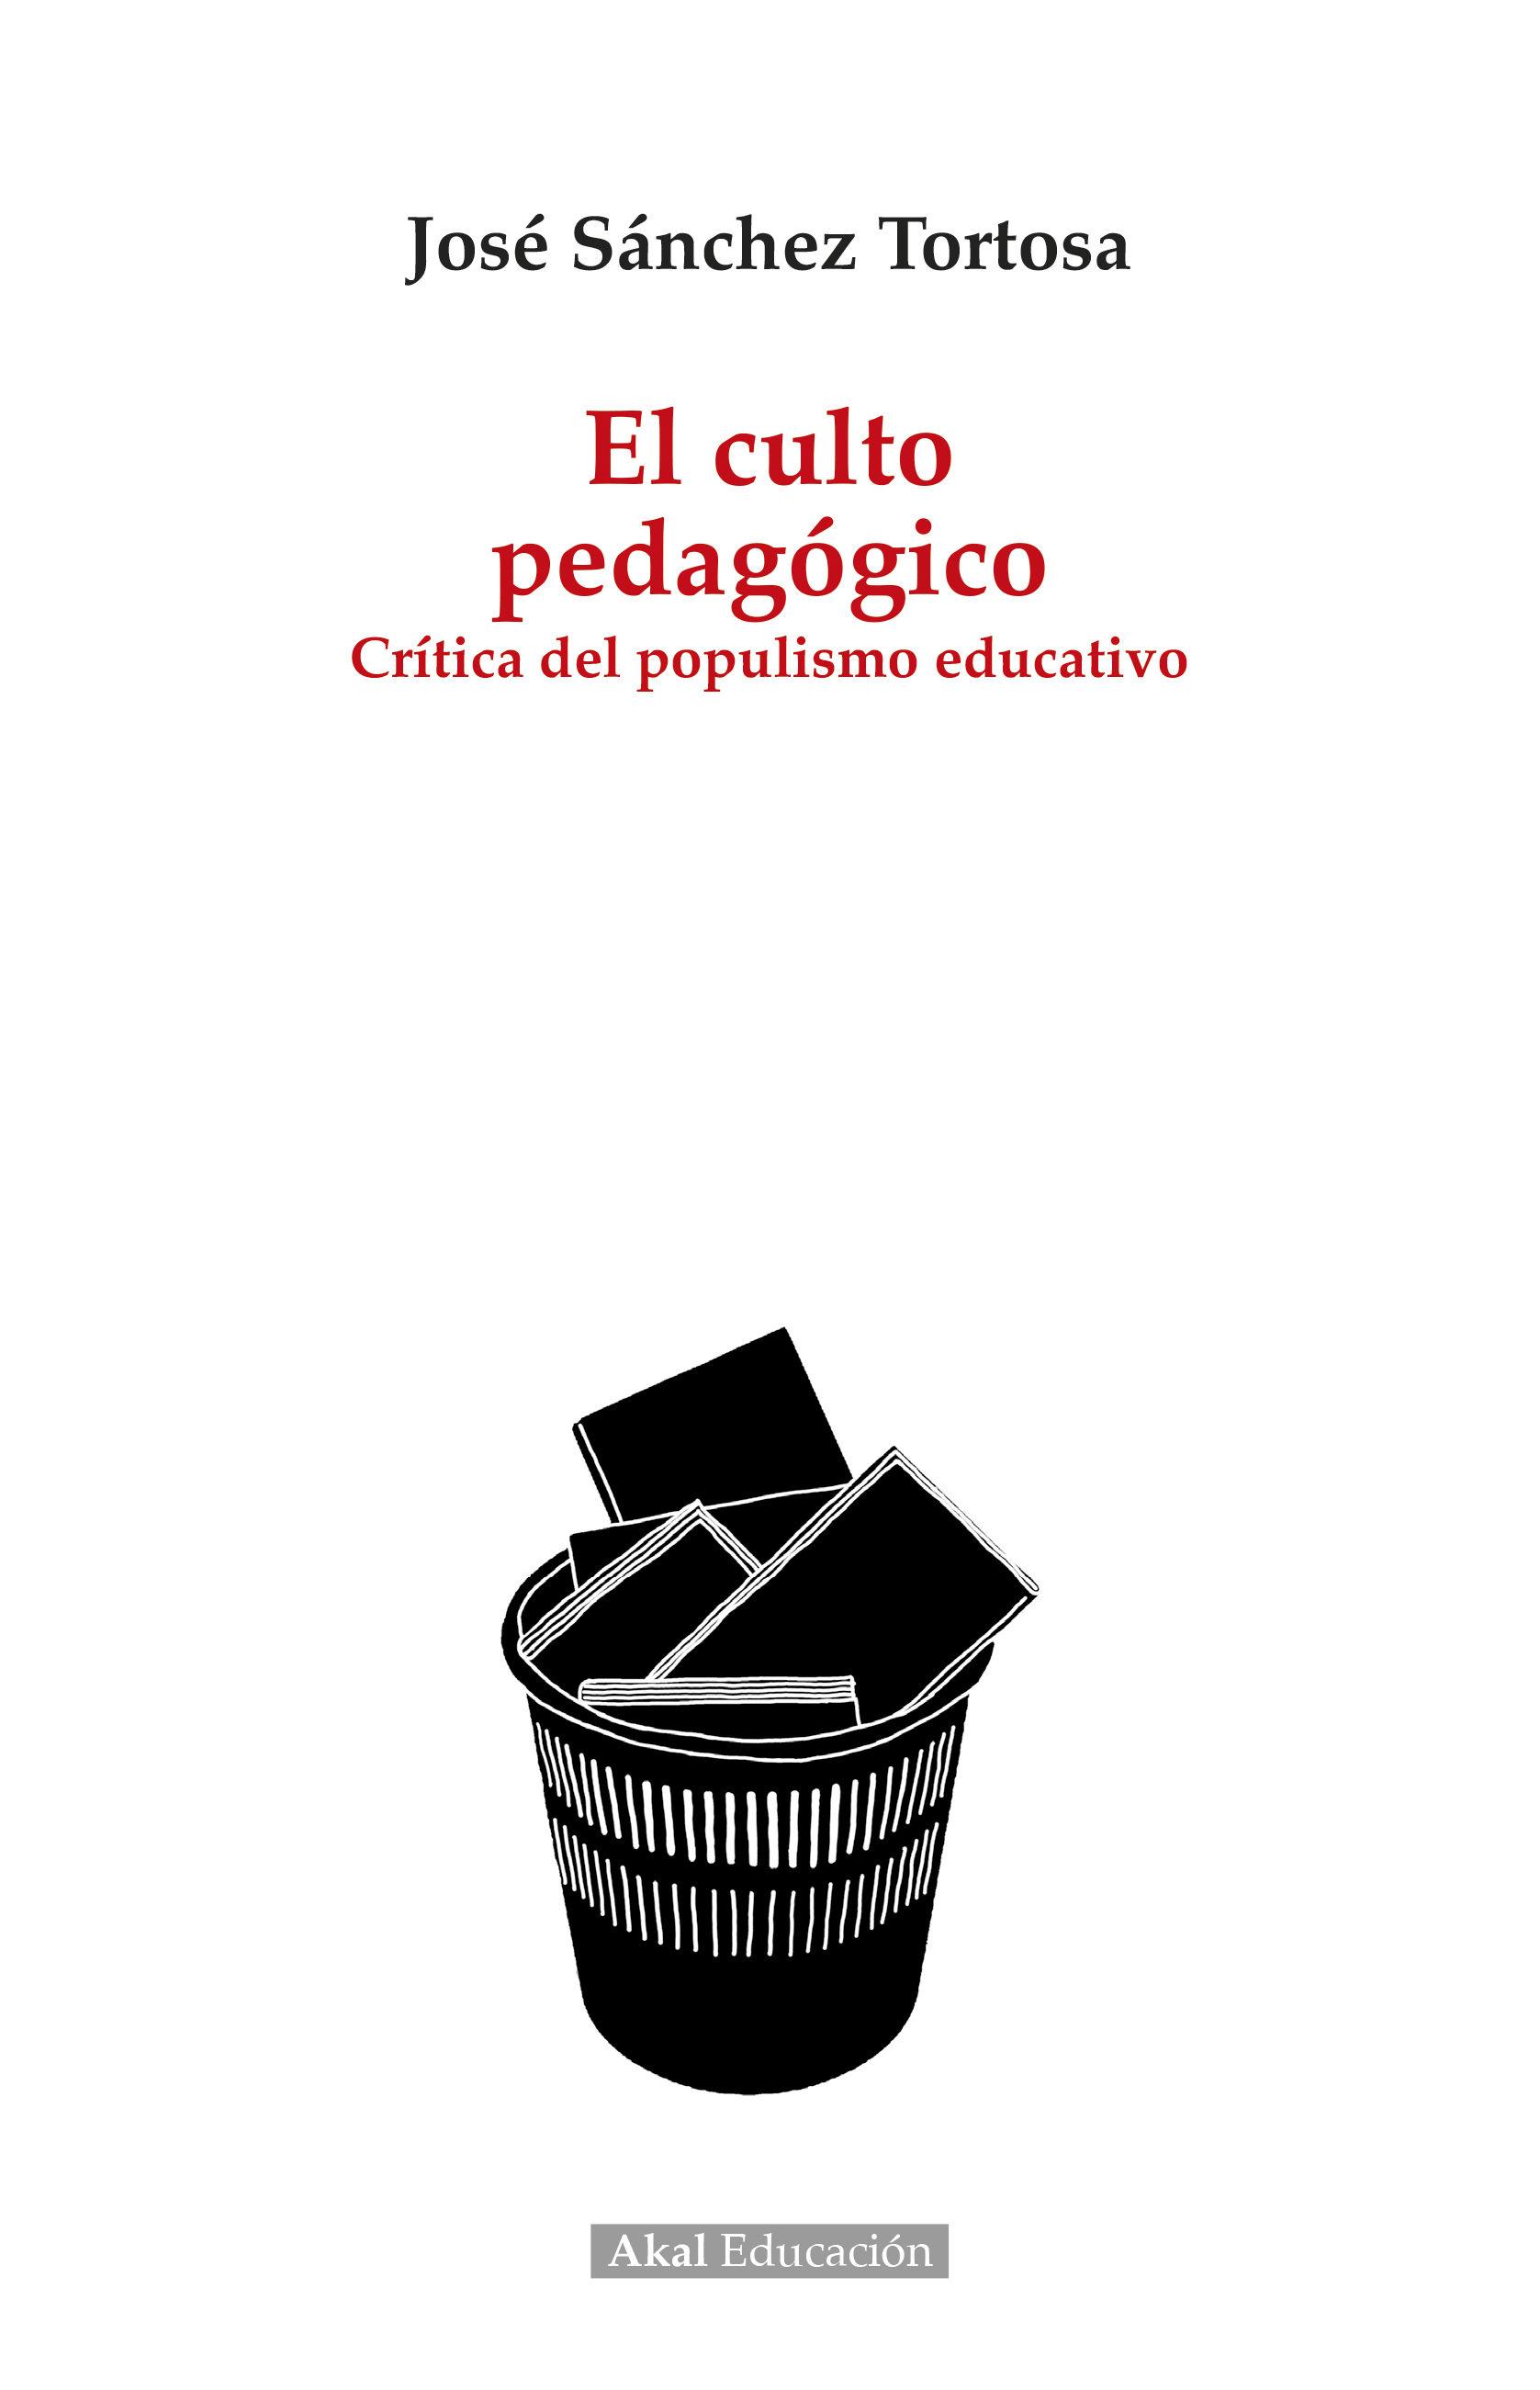 el culto pedagogico: critica del populismo educativo-jose sanchez tortosa-9788446046783